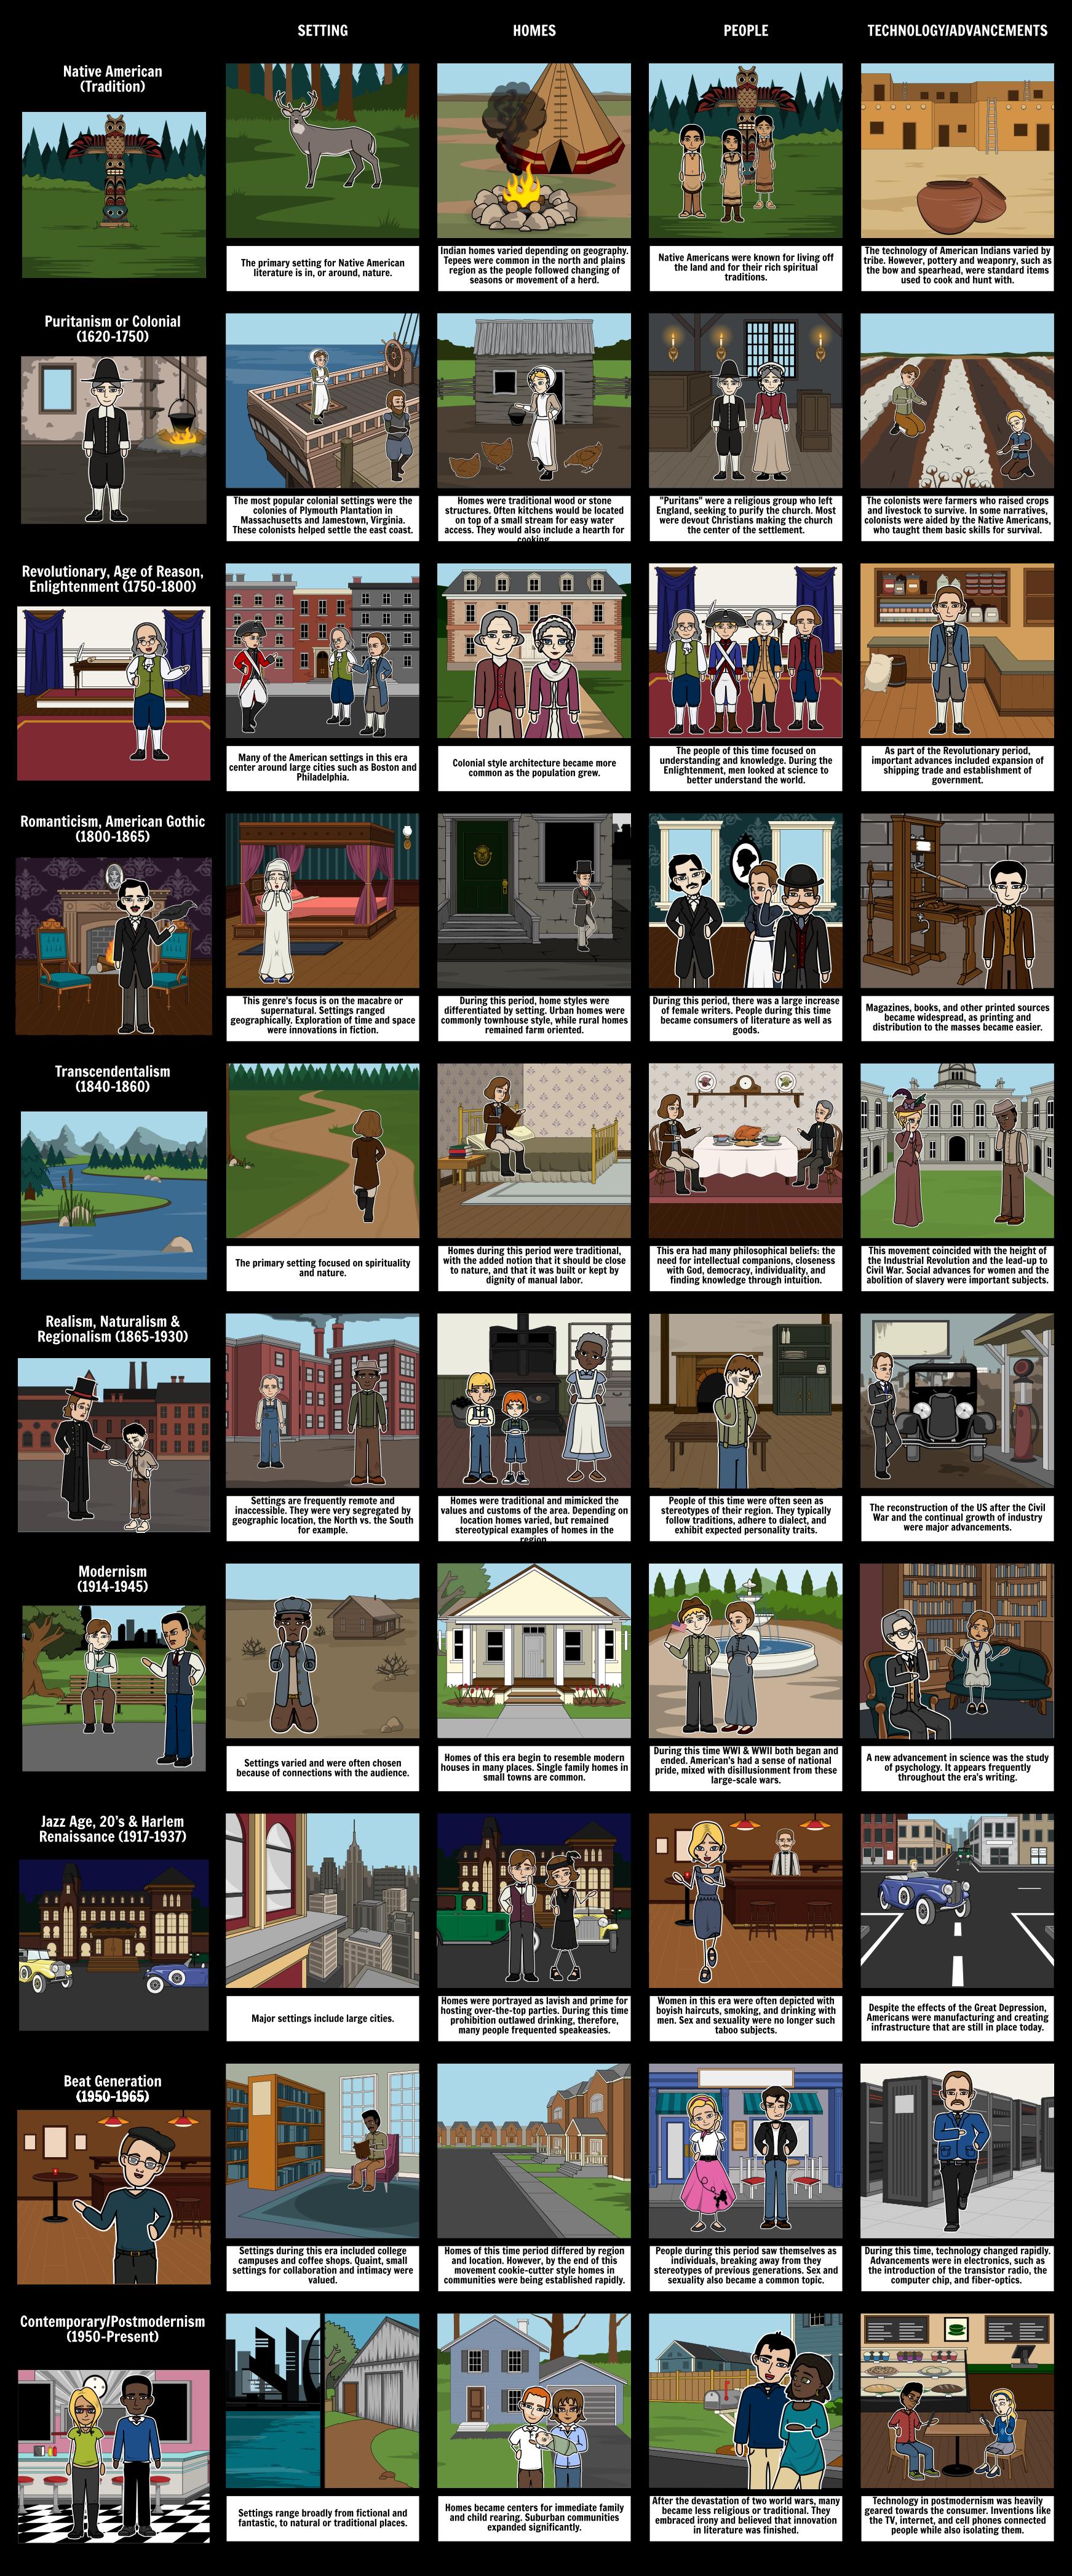 Amerikos Literatūros Judesiai - Charakteristikos Laikotarpiai